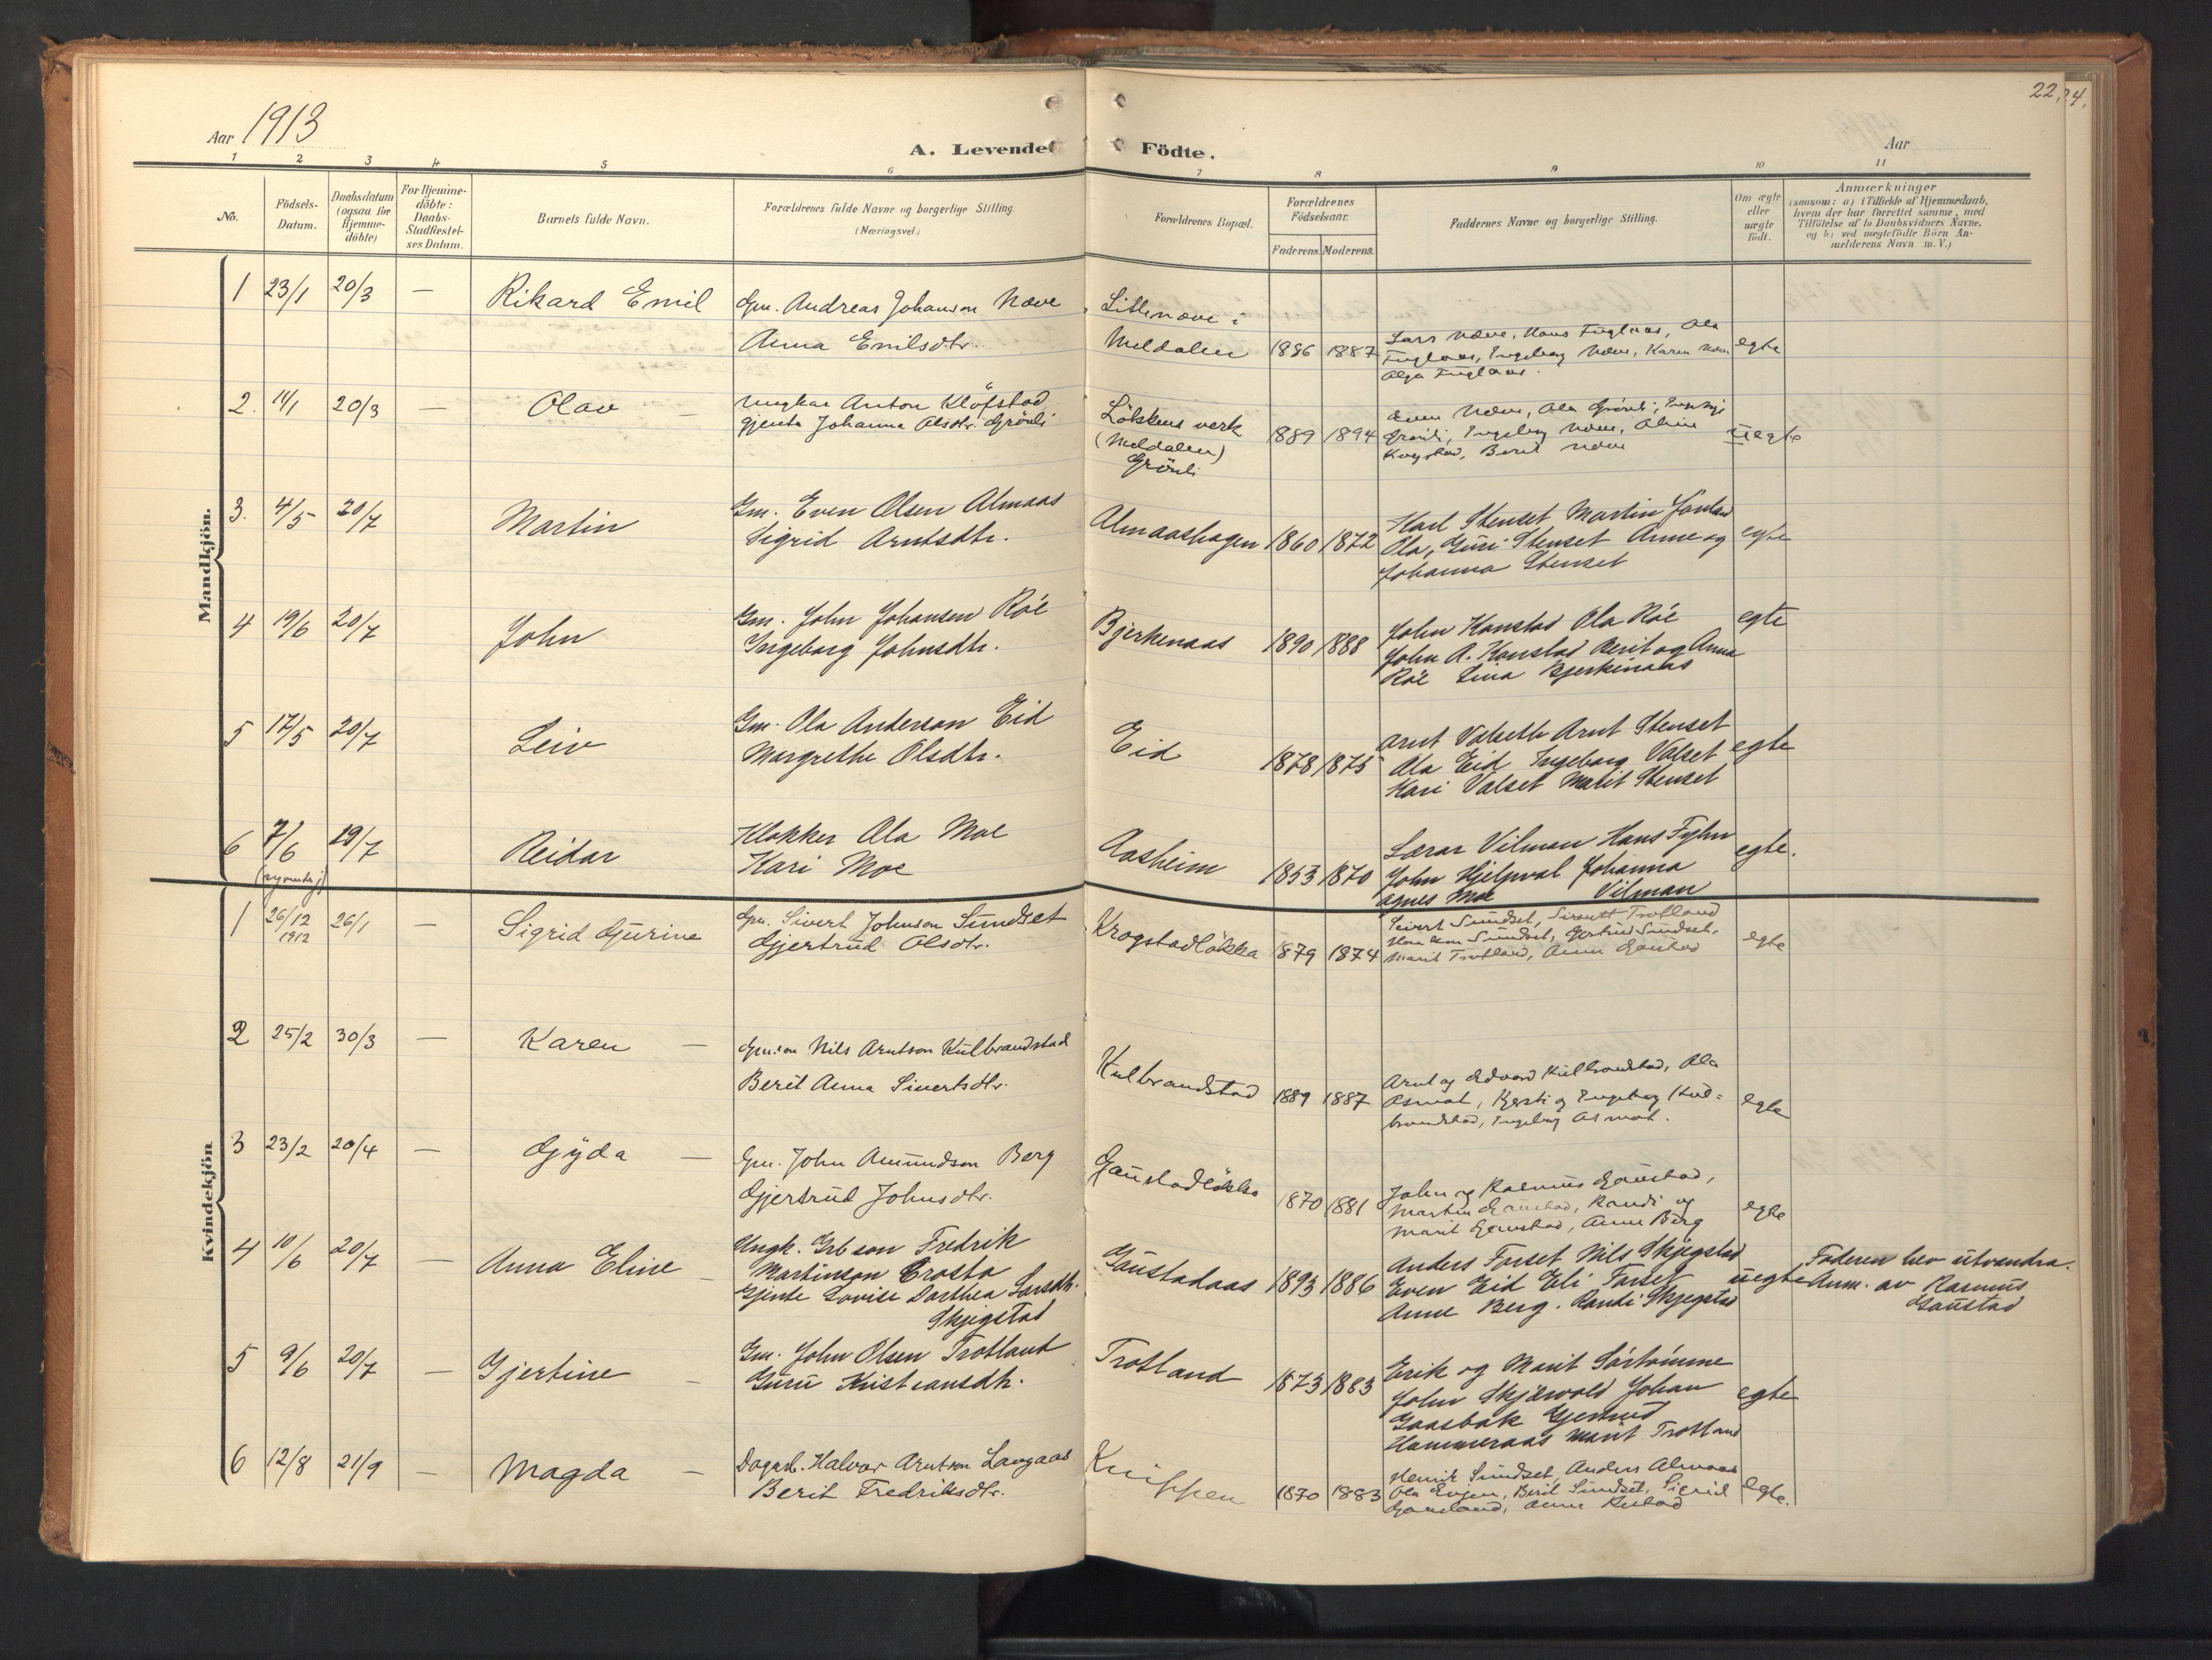 SAT, Ministerialprotokoller, klokkerbøker og fødselsregistre - Sør-Trøndelag, 694/L1128: Ministerialbok nr. 694A02, 1906-1931, s. 22